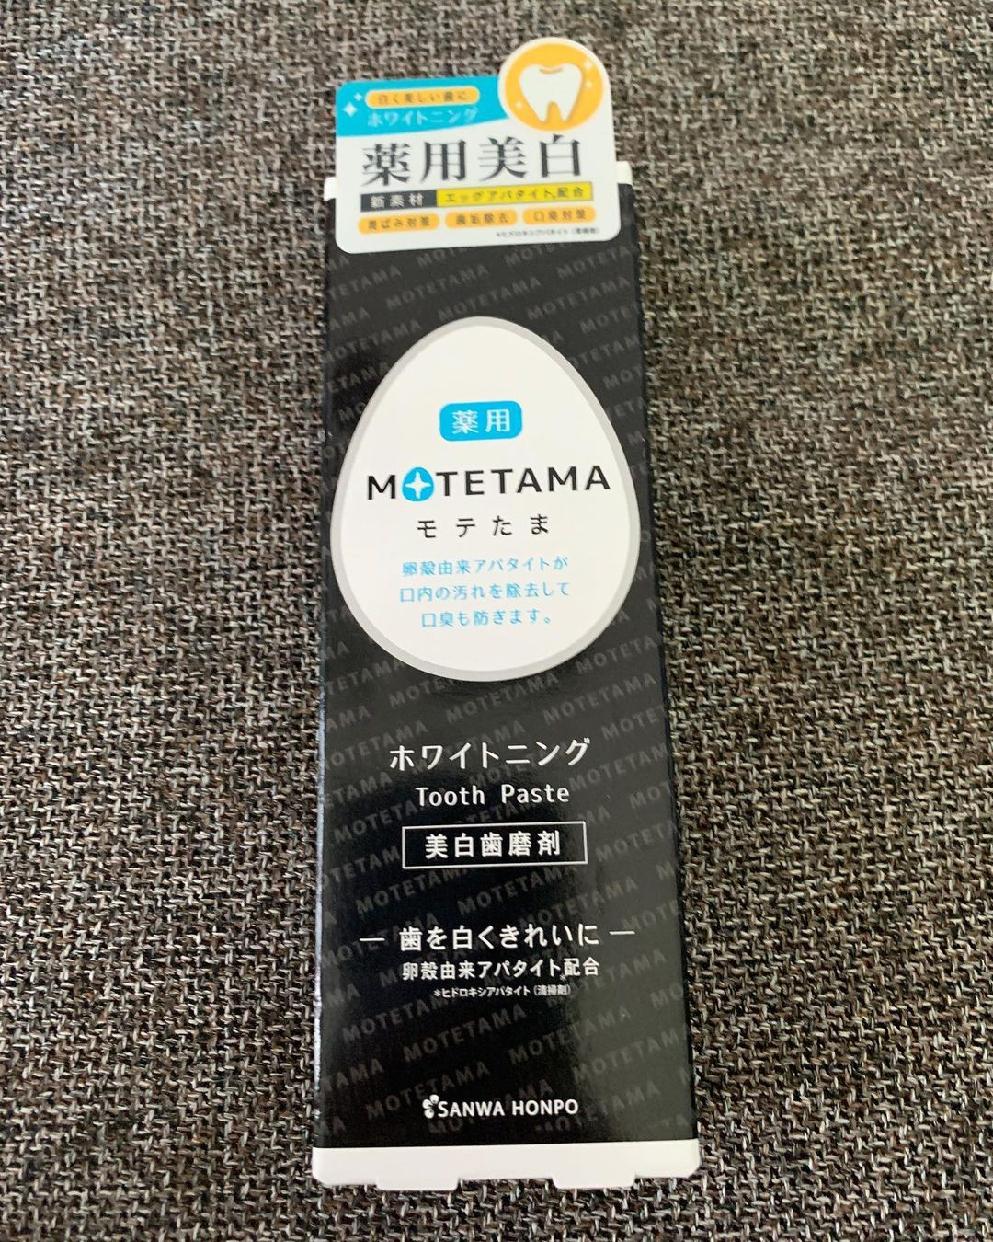 MOTETAMA(モテタマ) 薬用モテたま歯磨きペーストを使ったぽんさんのクチコミ画像